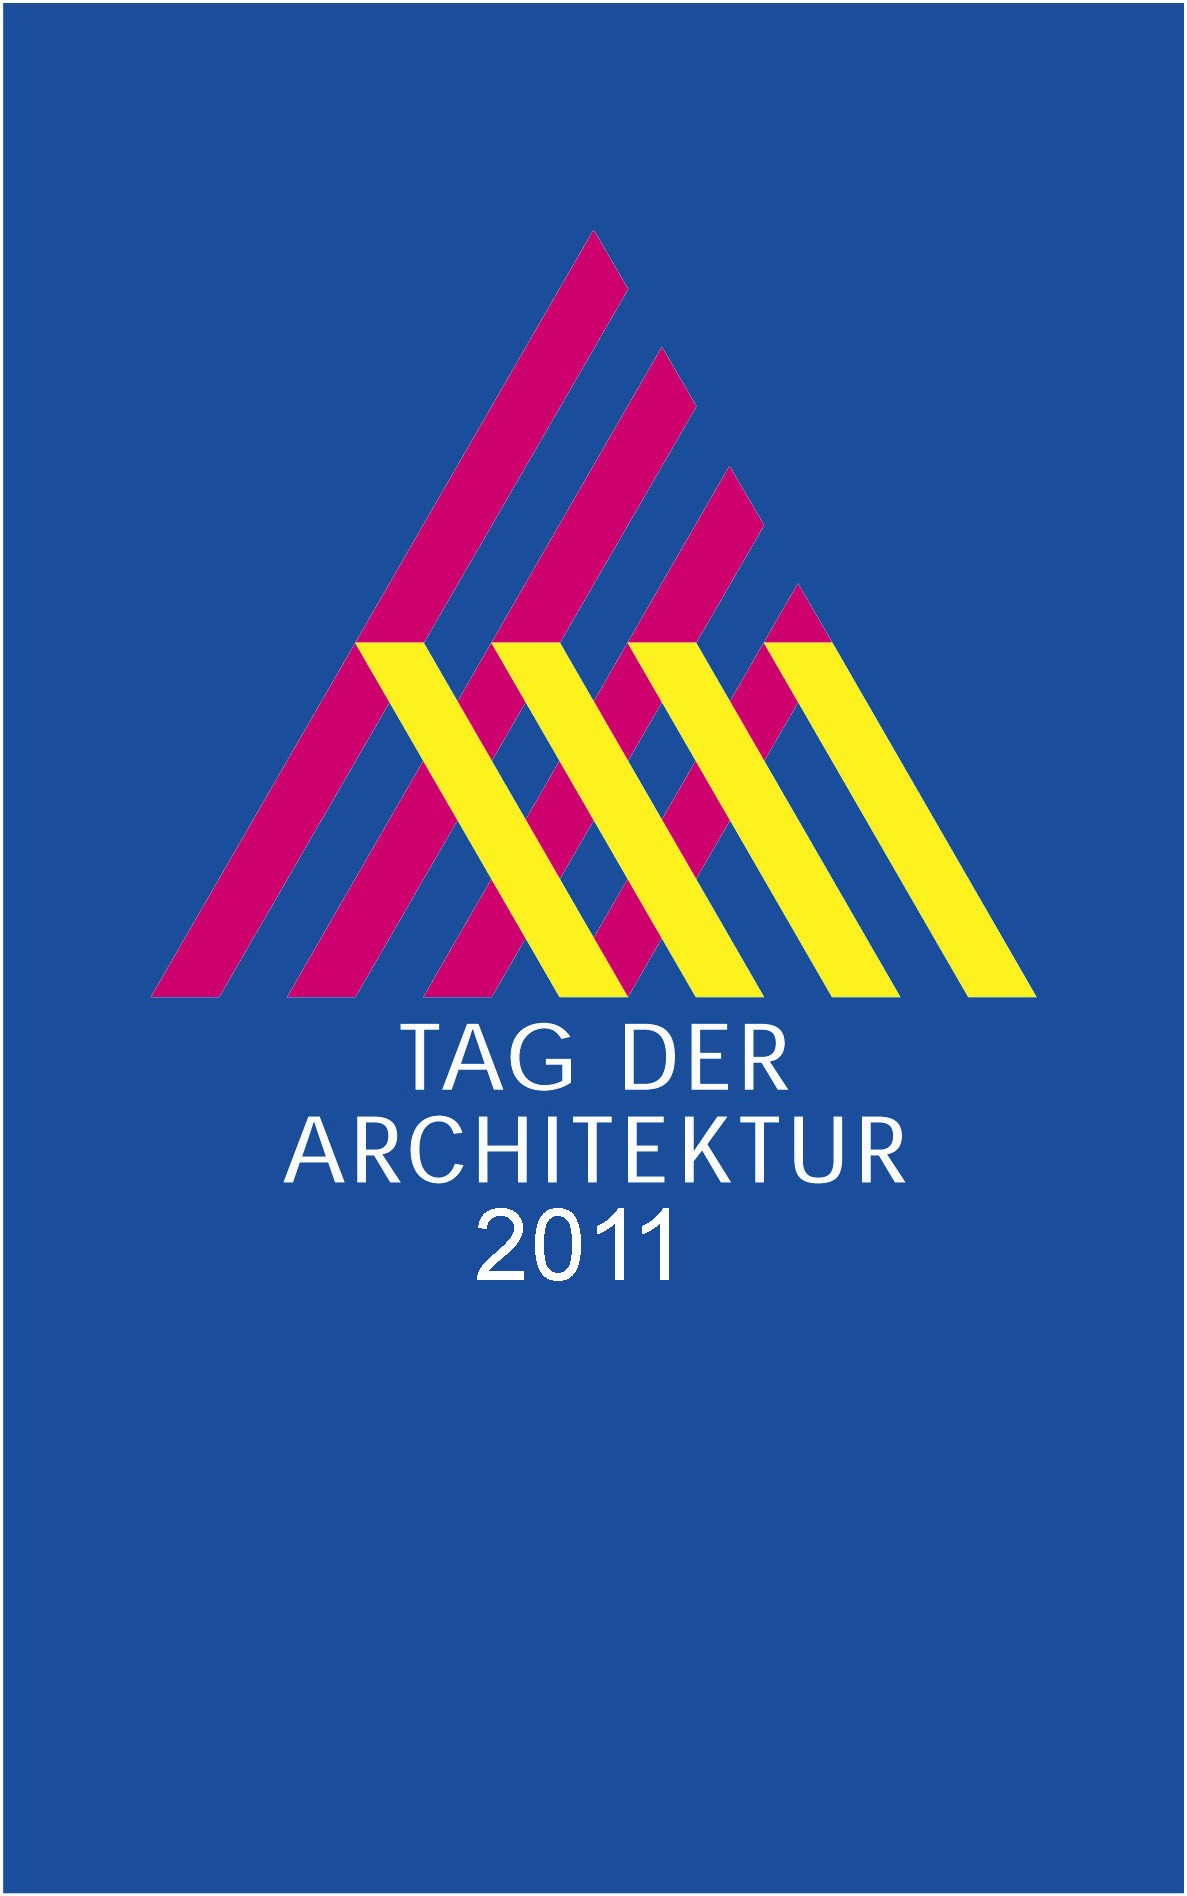 Tag der Architektur - Das Logo